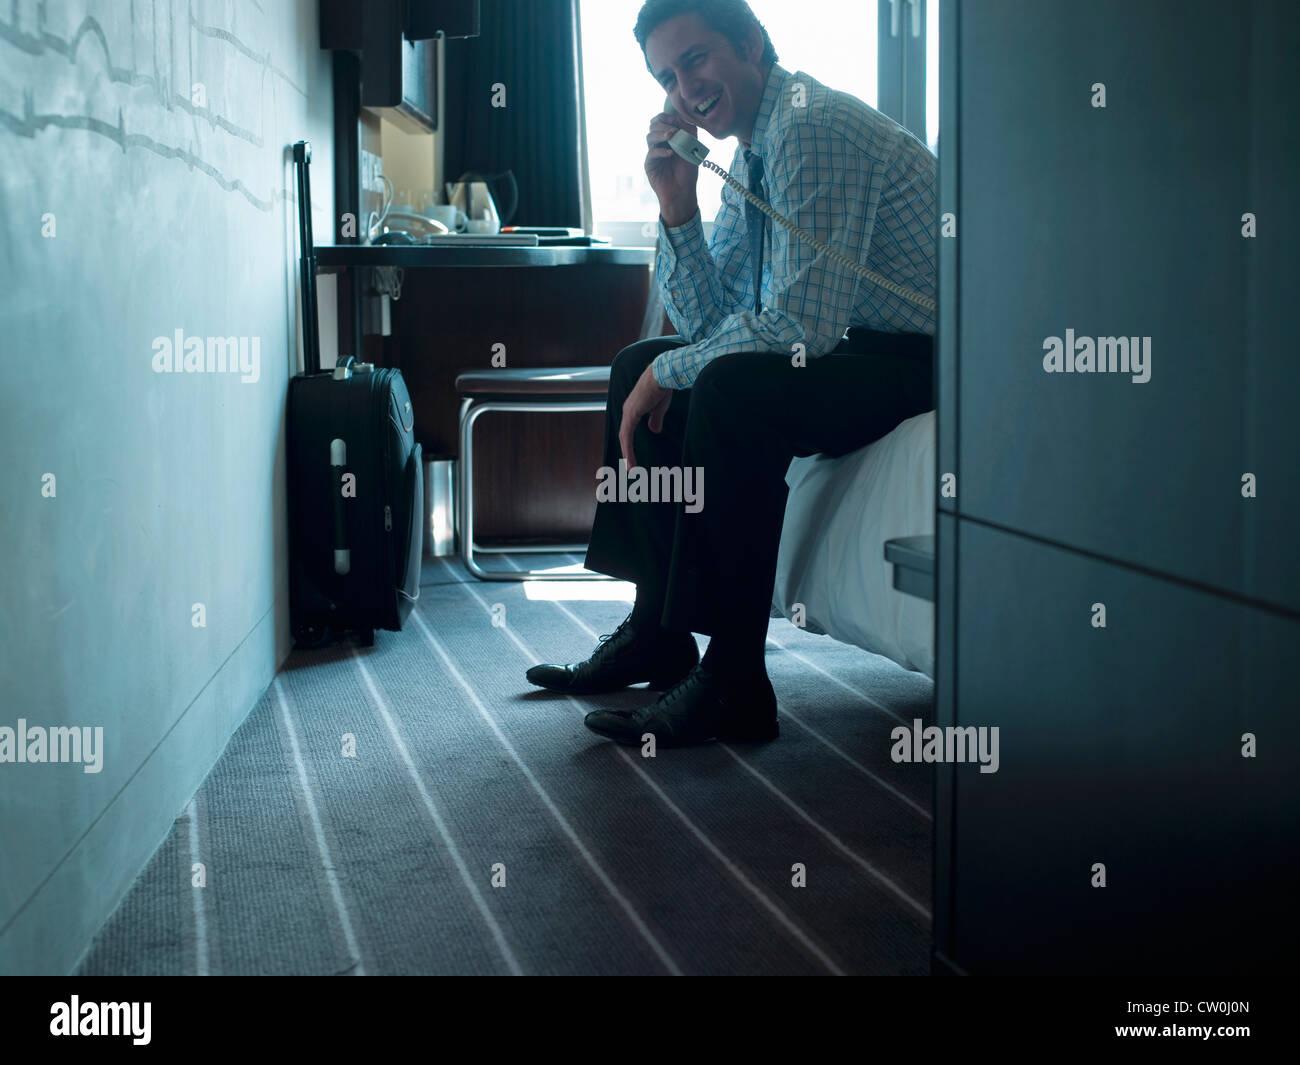 Empresario hablando por teléfono en el hotel Imagen De Stock